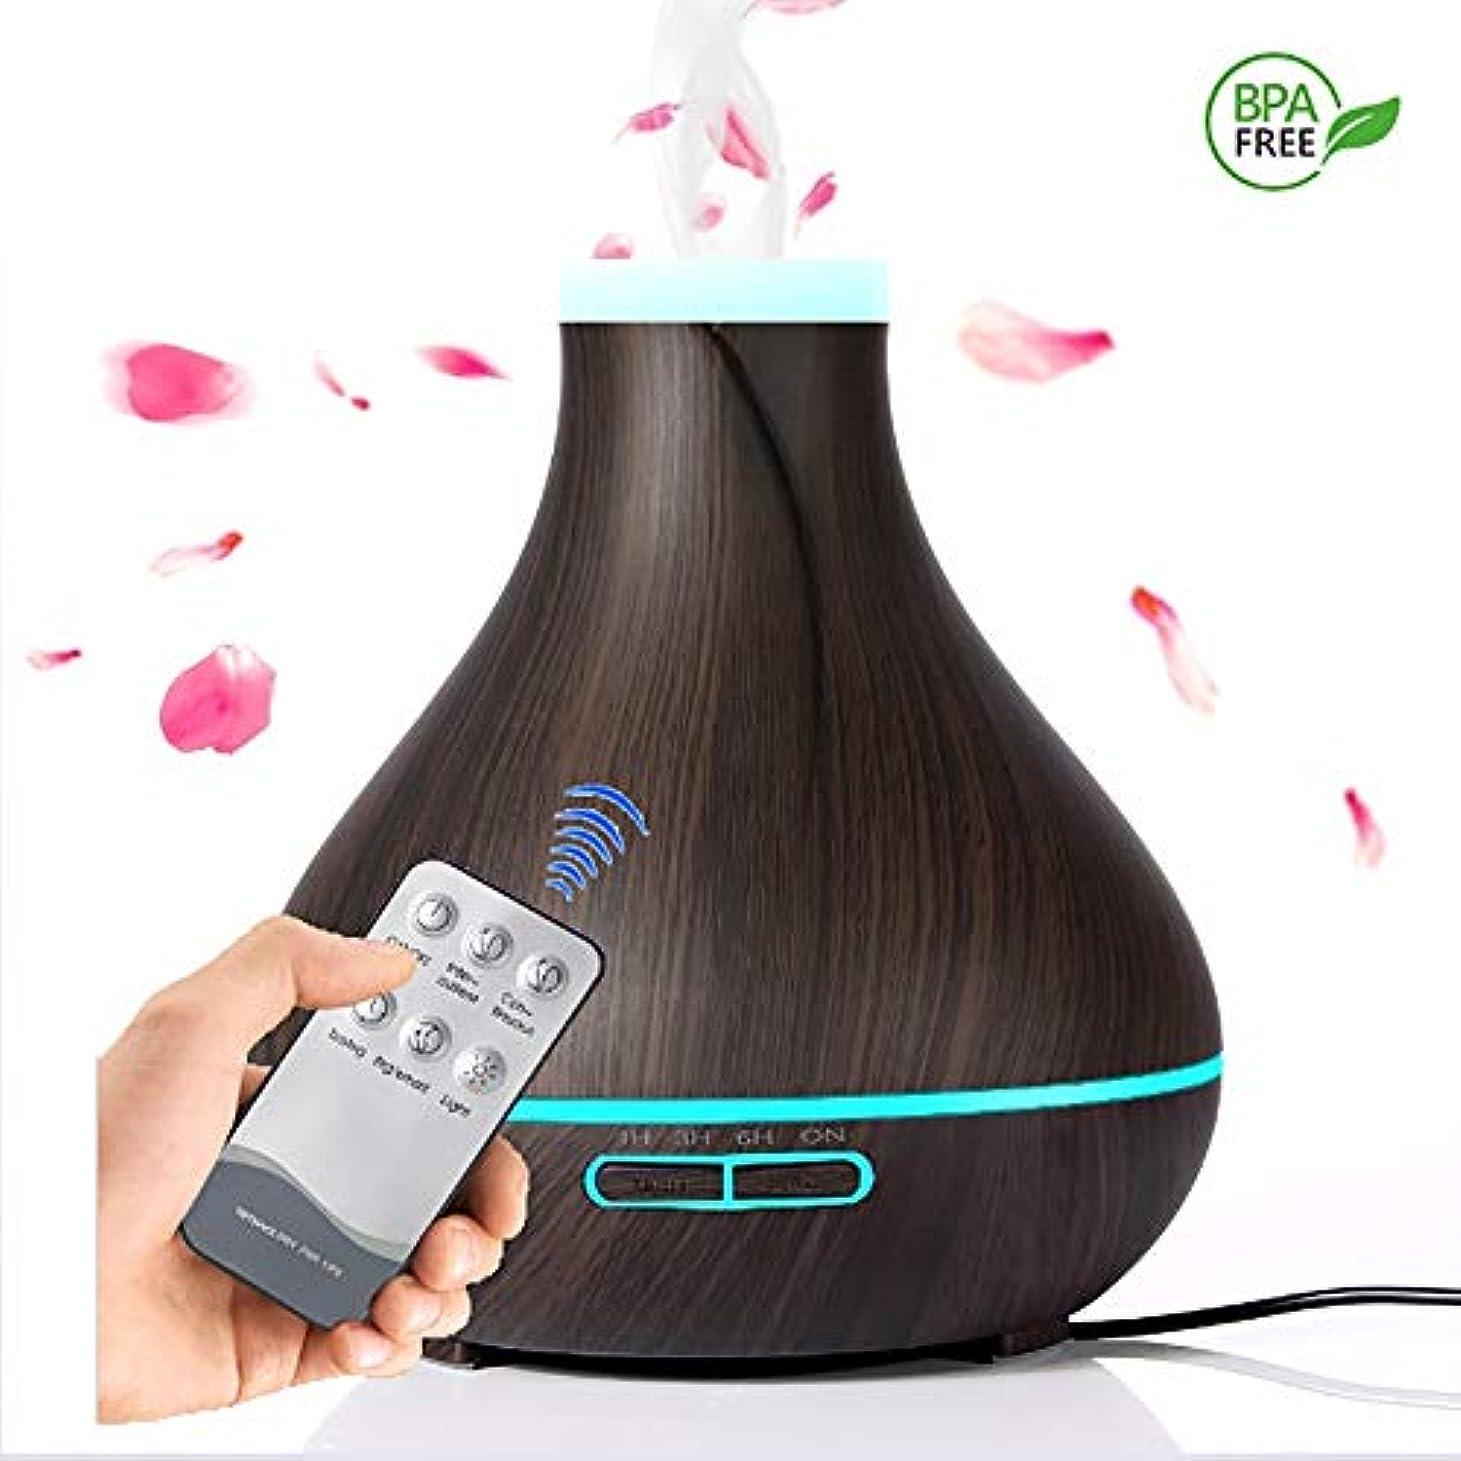 構成する珍味サラミ400ml エッセンシャルオイルディフューザー、アロマディフューザーアロマセラピー加湿器超音波空気清浄機クールミストフレグランス7色ランプ自動シャットオフ,Black